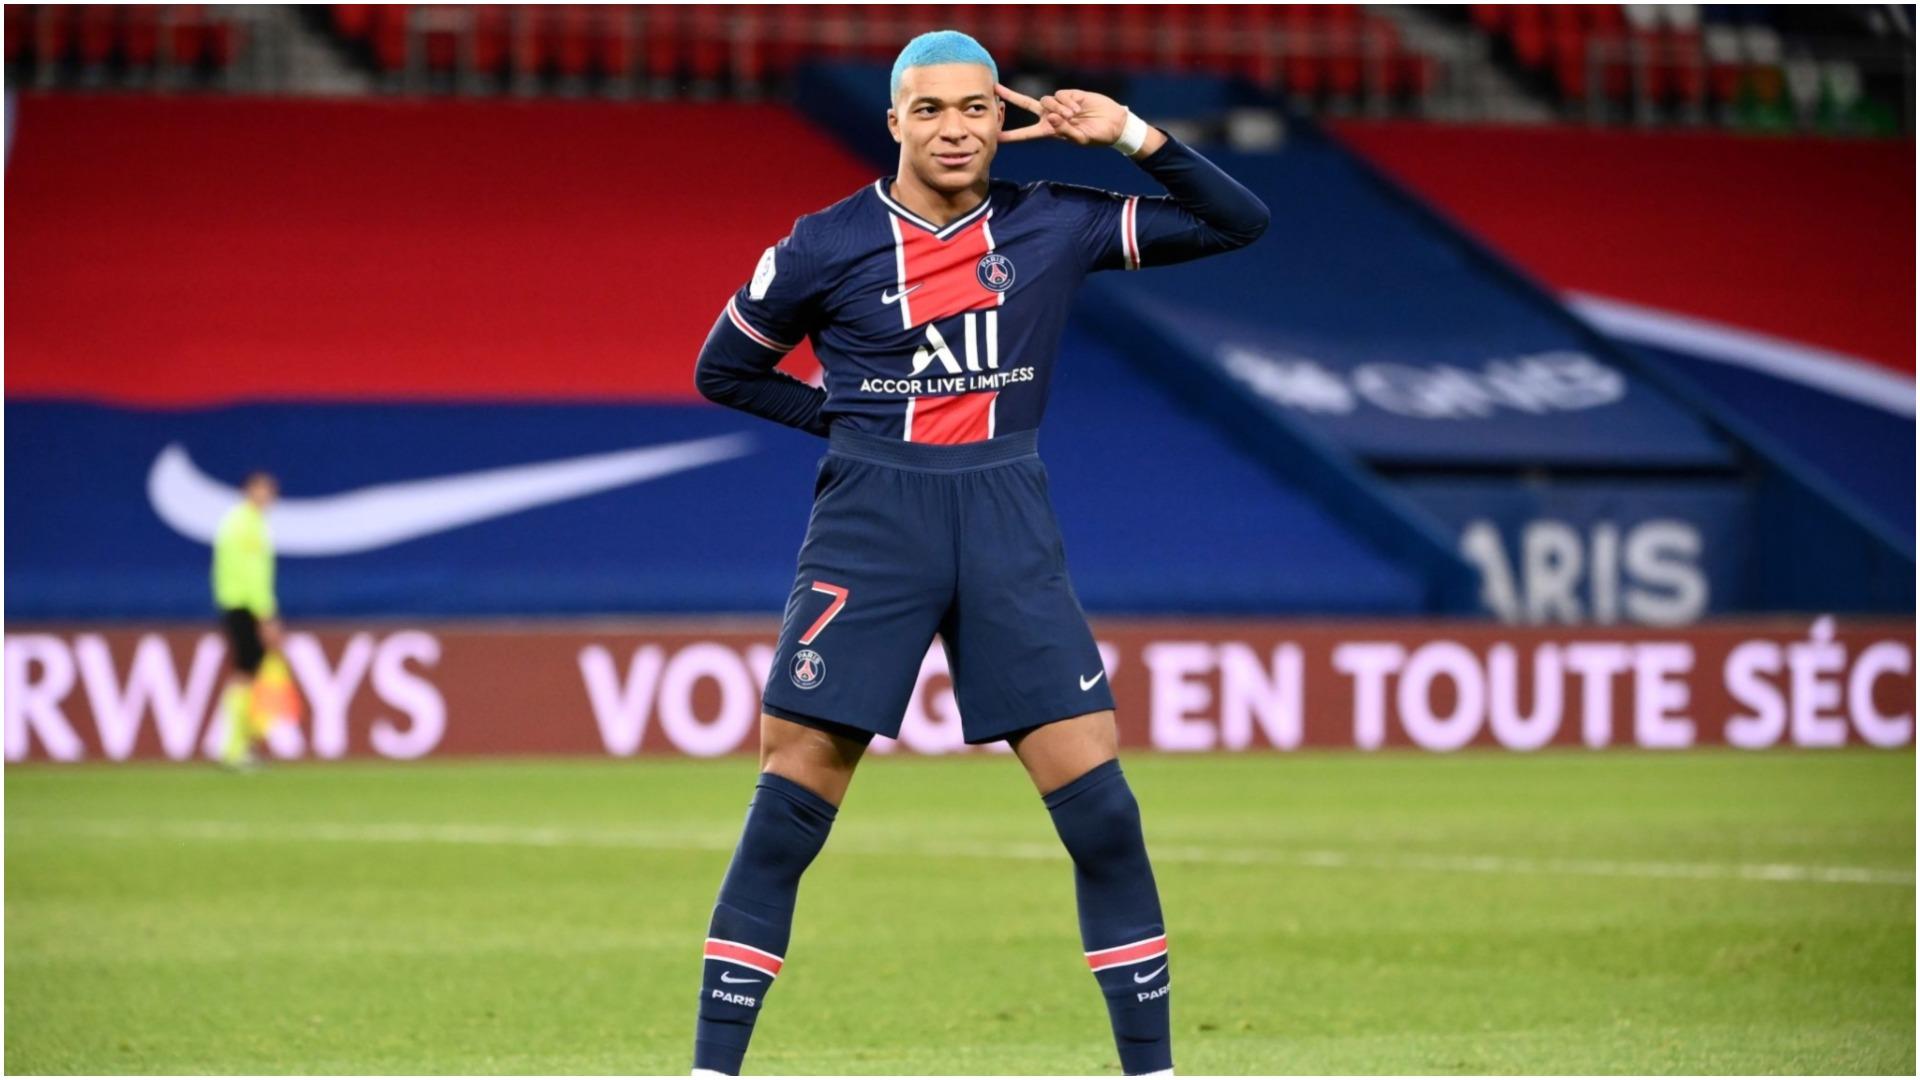 200 milionë euro humbje për PSG, Real Madrid gjen rrugën për te Mbappe